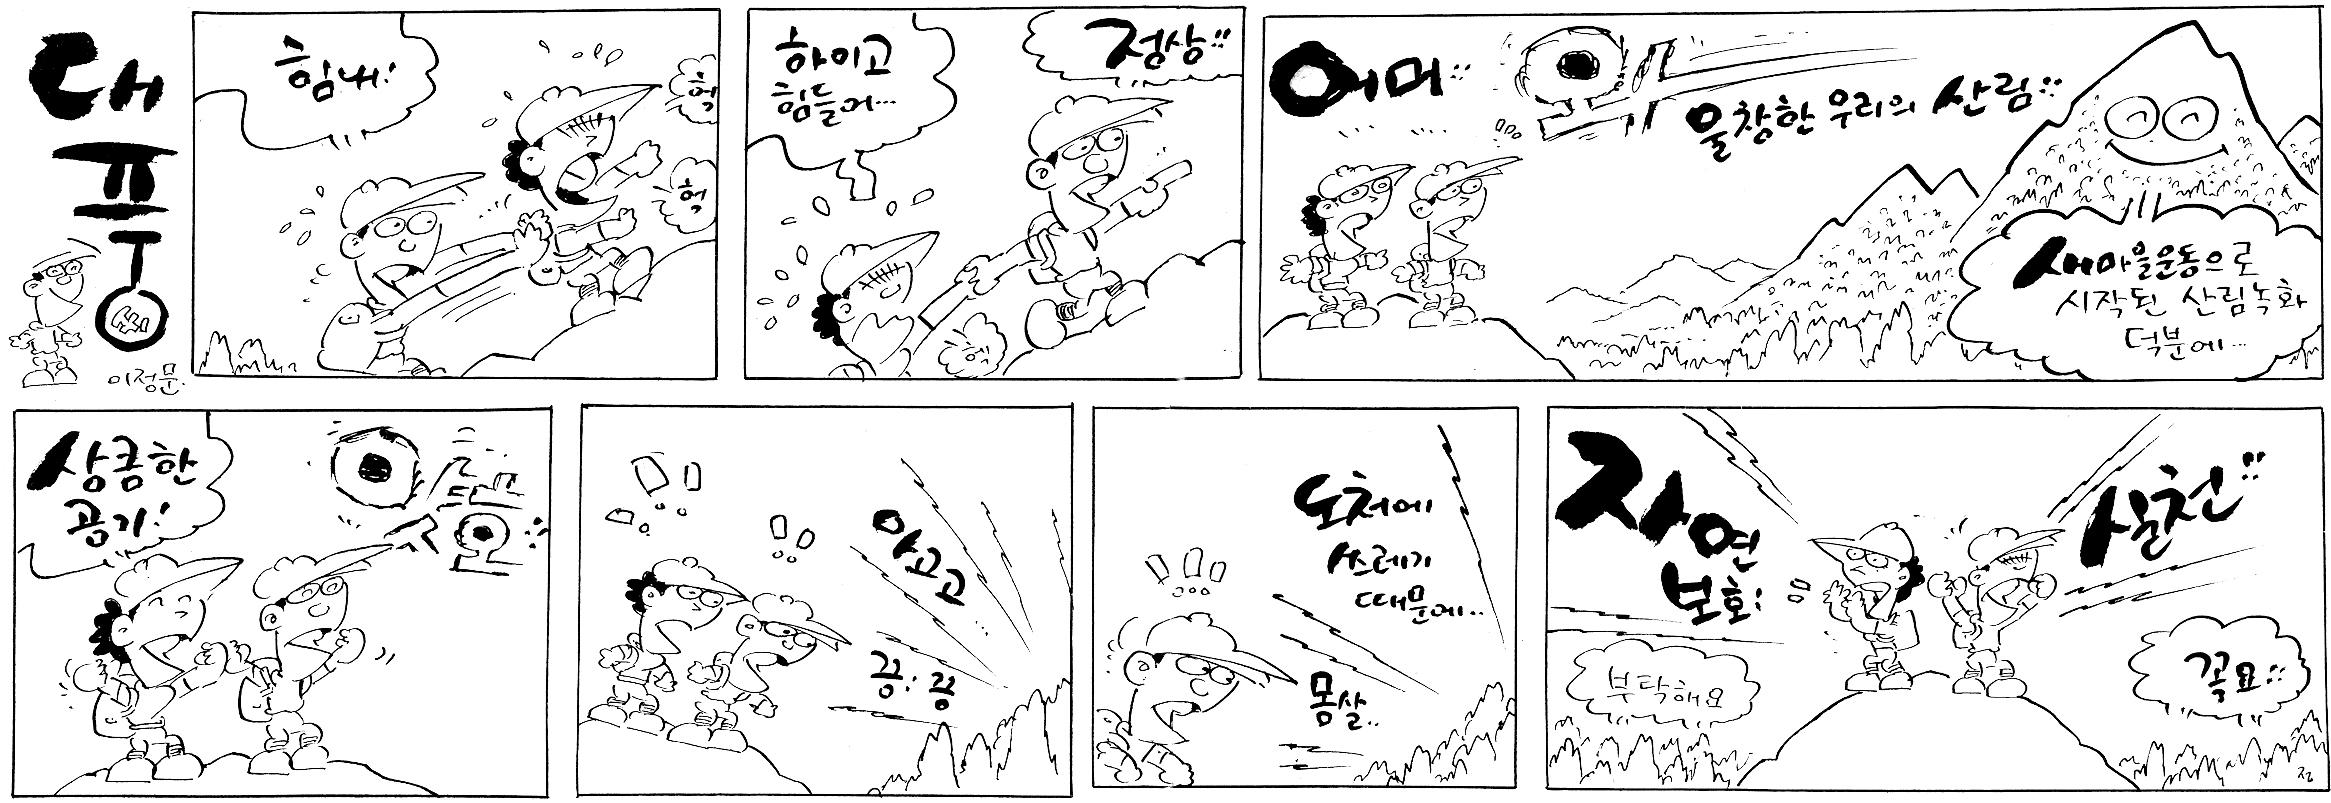 503호 대풍씨